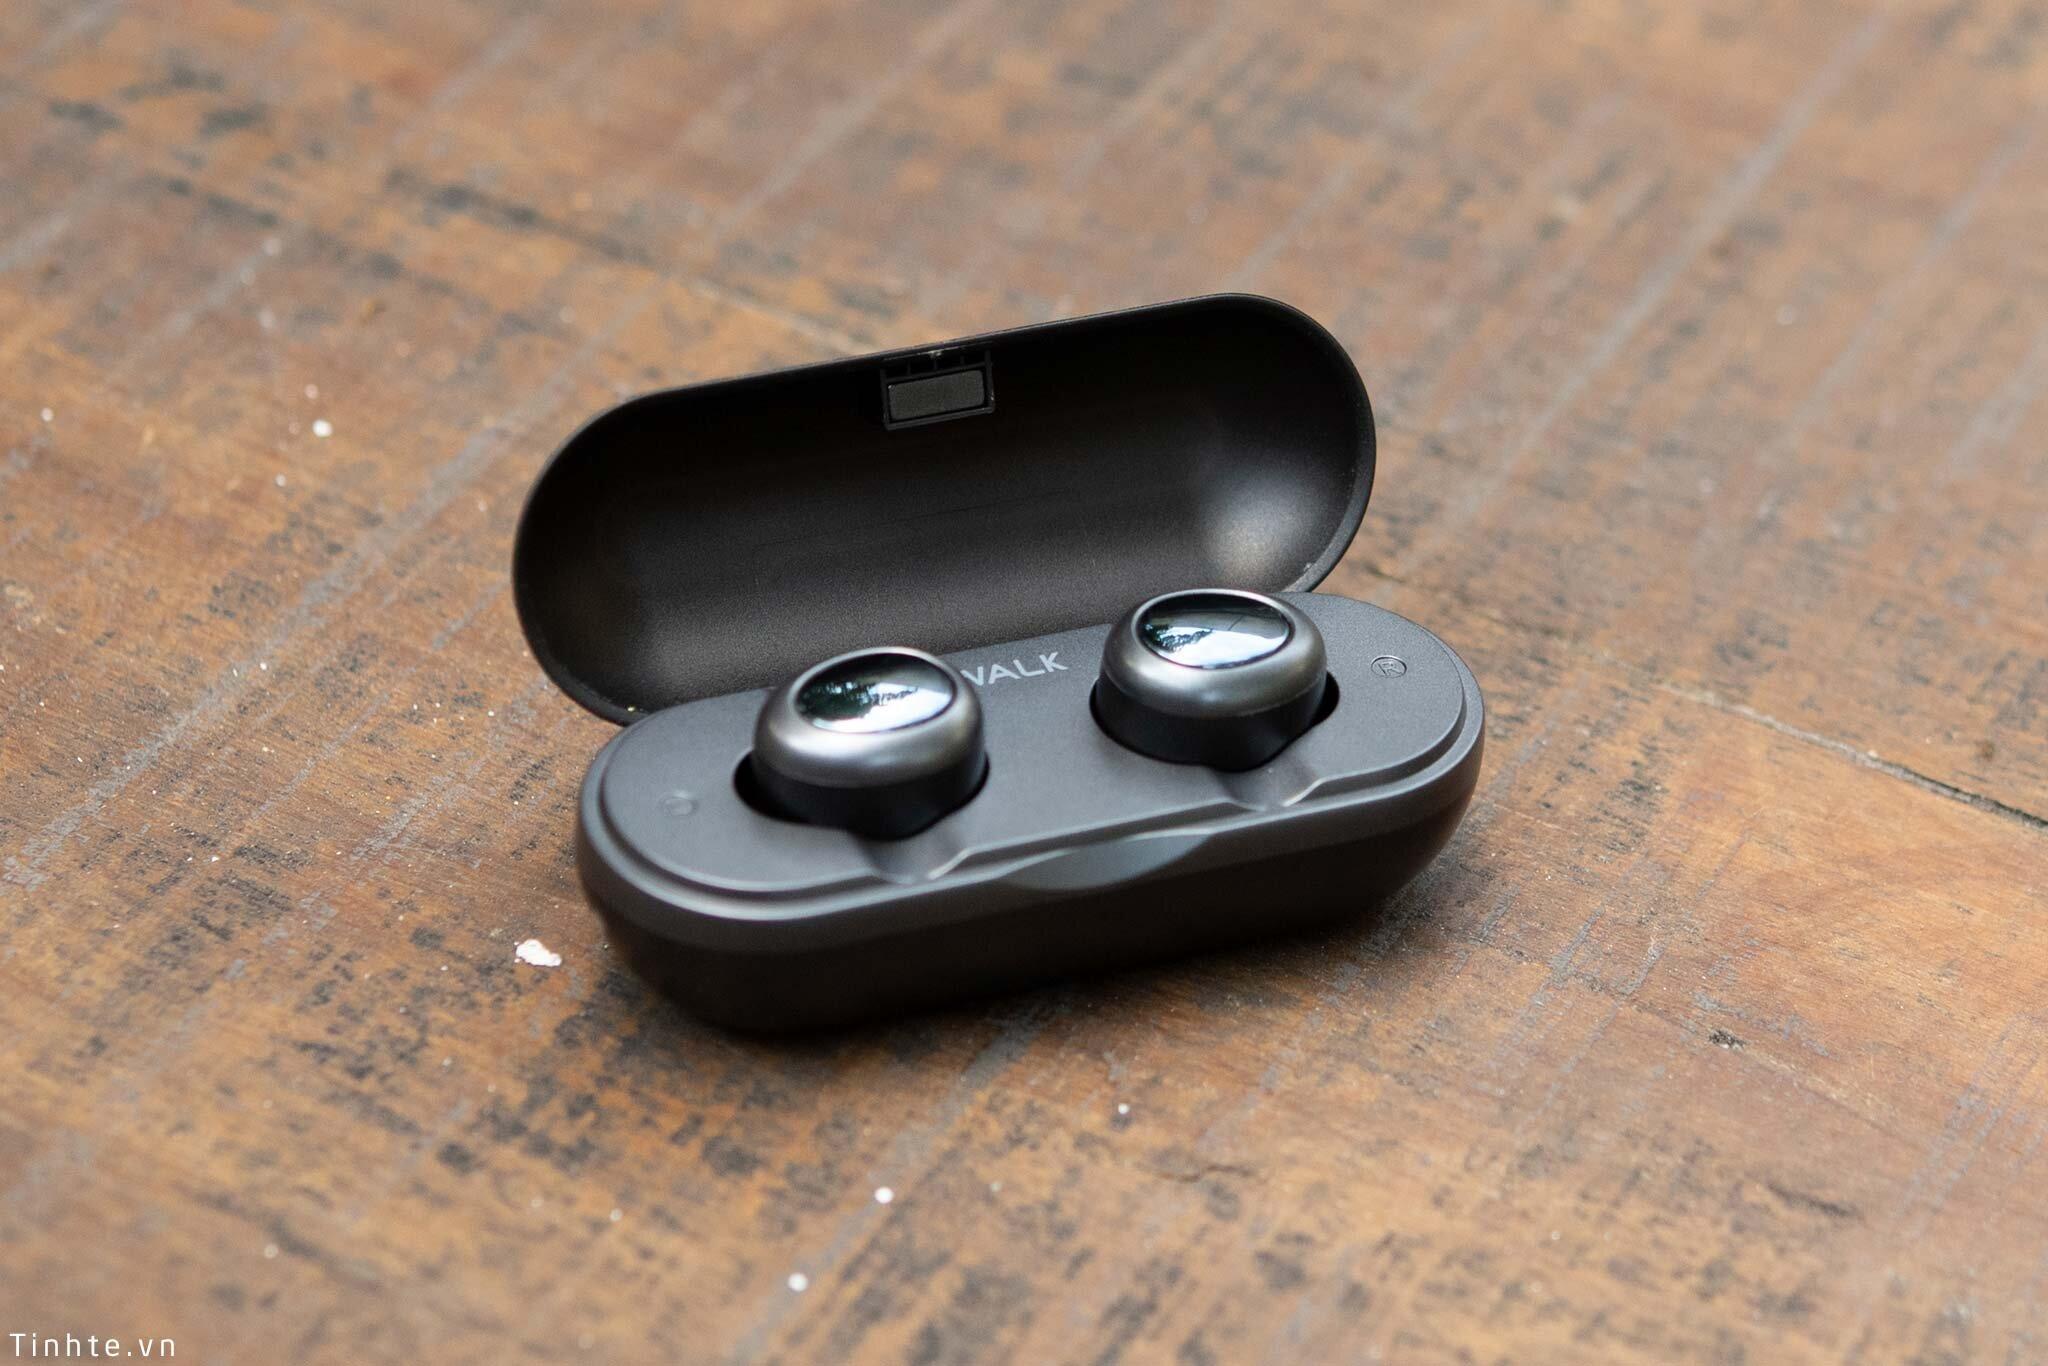 Tai nghe không dây iWalk Amour Air Duo BTA002 được tích hợp nhiều công nghệ hiện đại